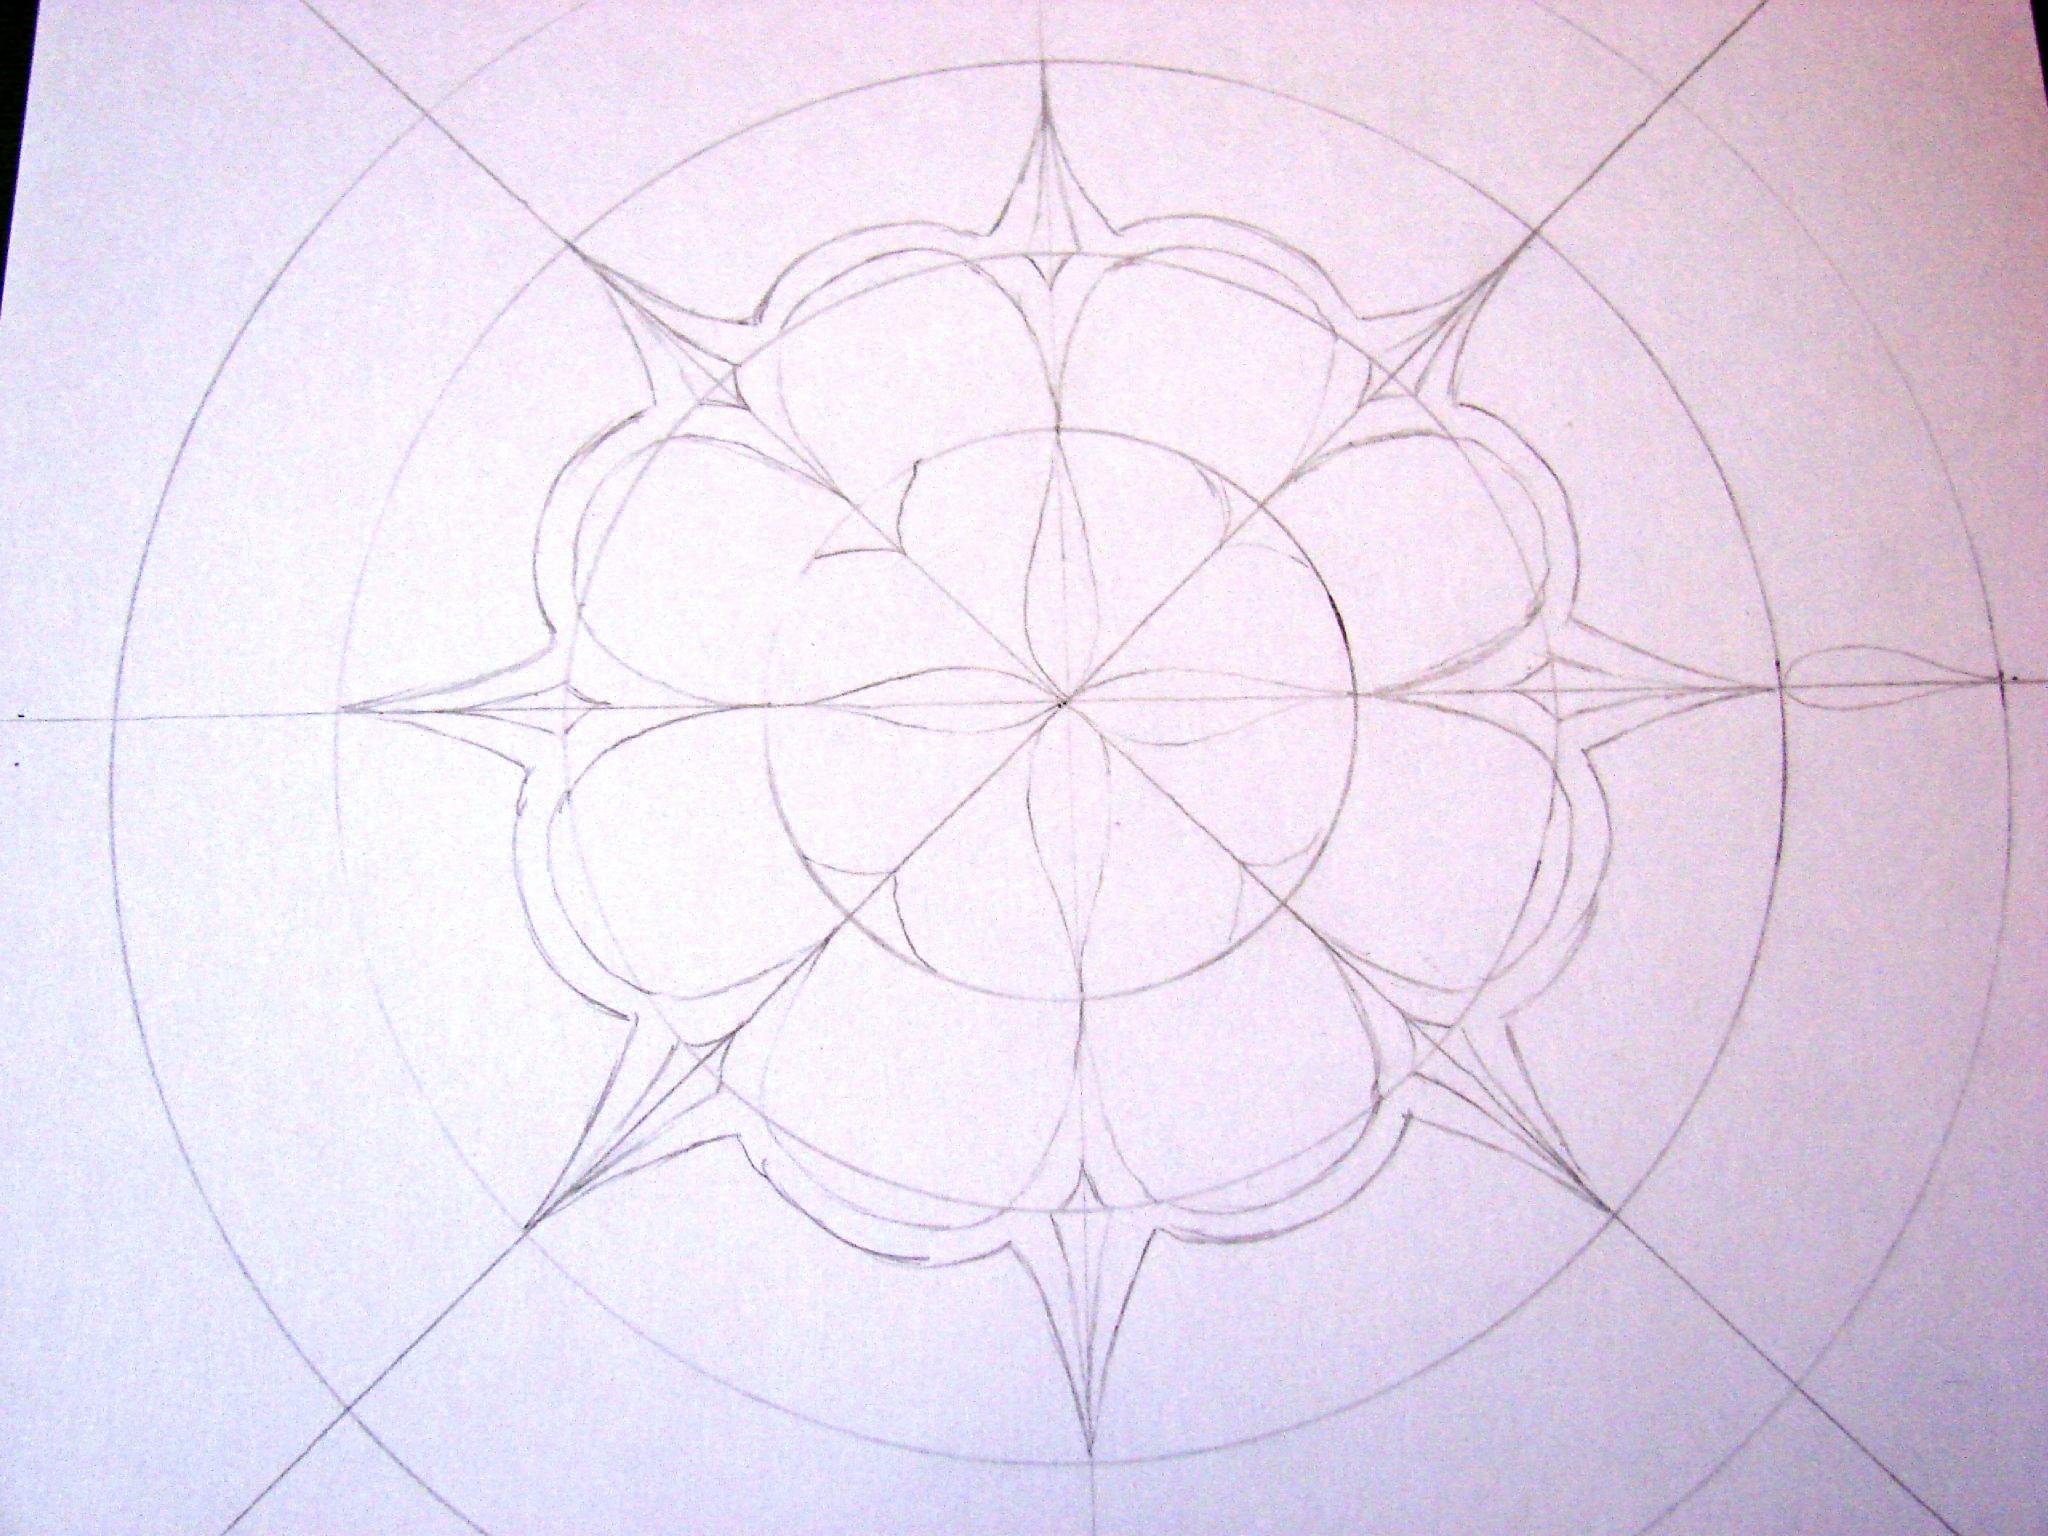 Initiation À La Création D'un Mandala. - Lucie Dans Le Ciel à Dessiner Un Mandala